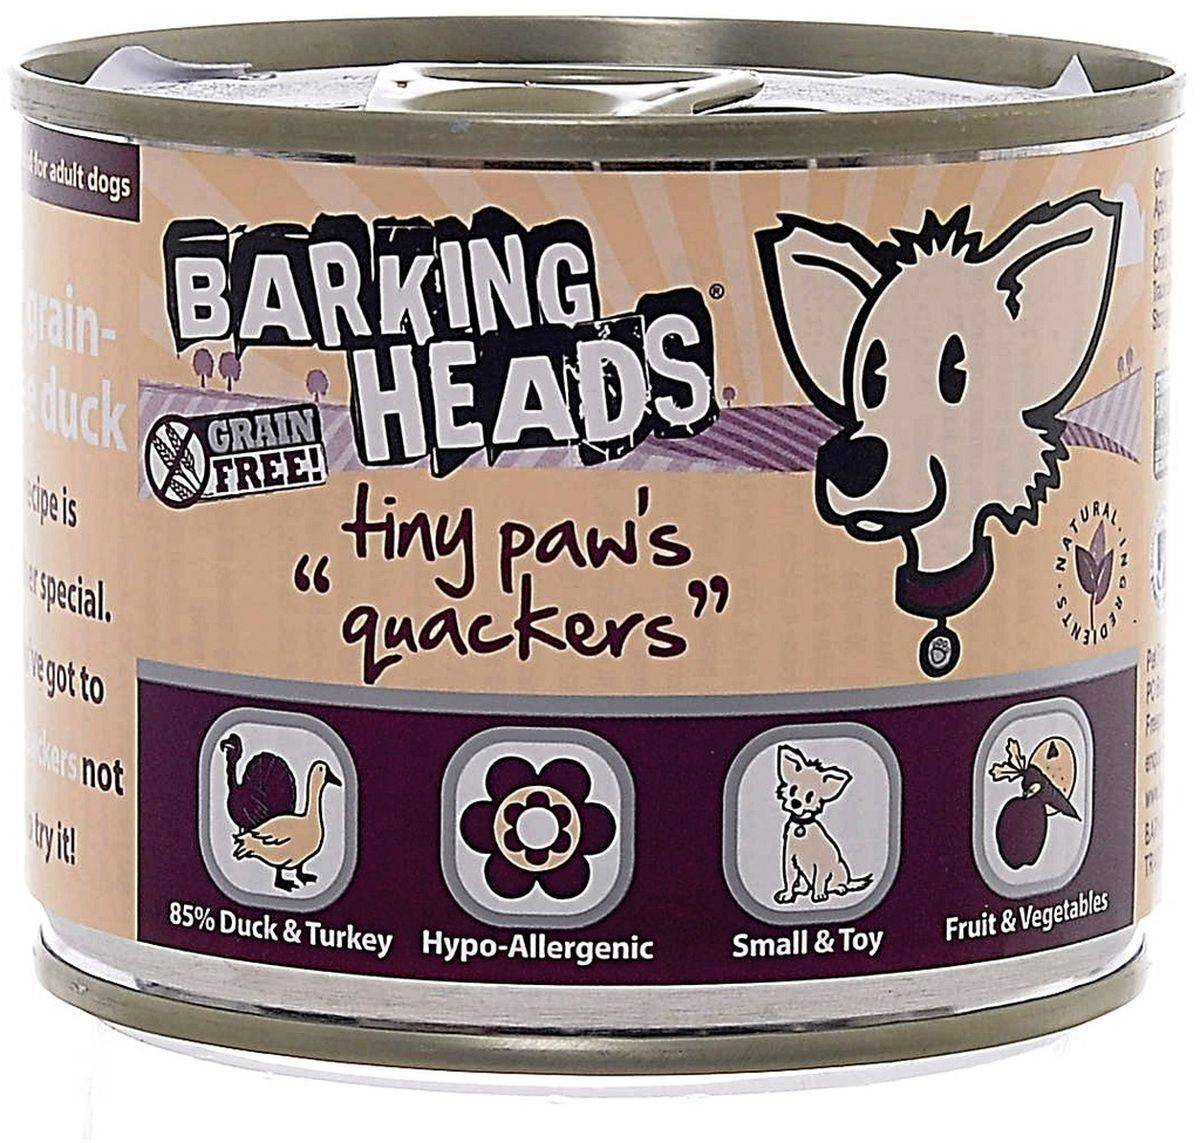 Корм для собак баркинг хедс: отзывы и обзор состава (barking heads) | «дай лапу»